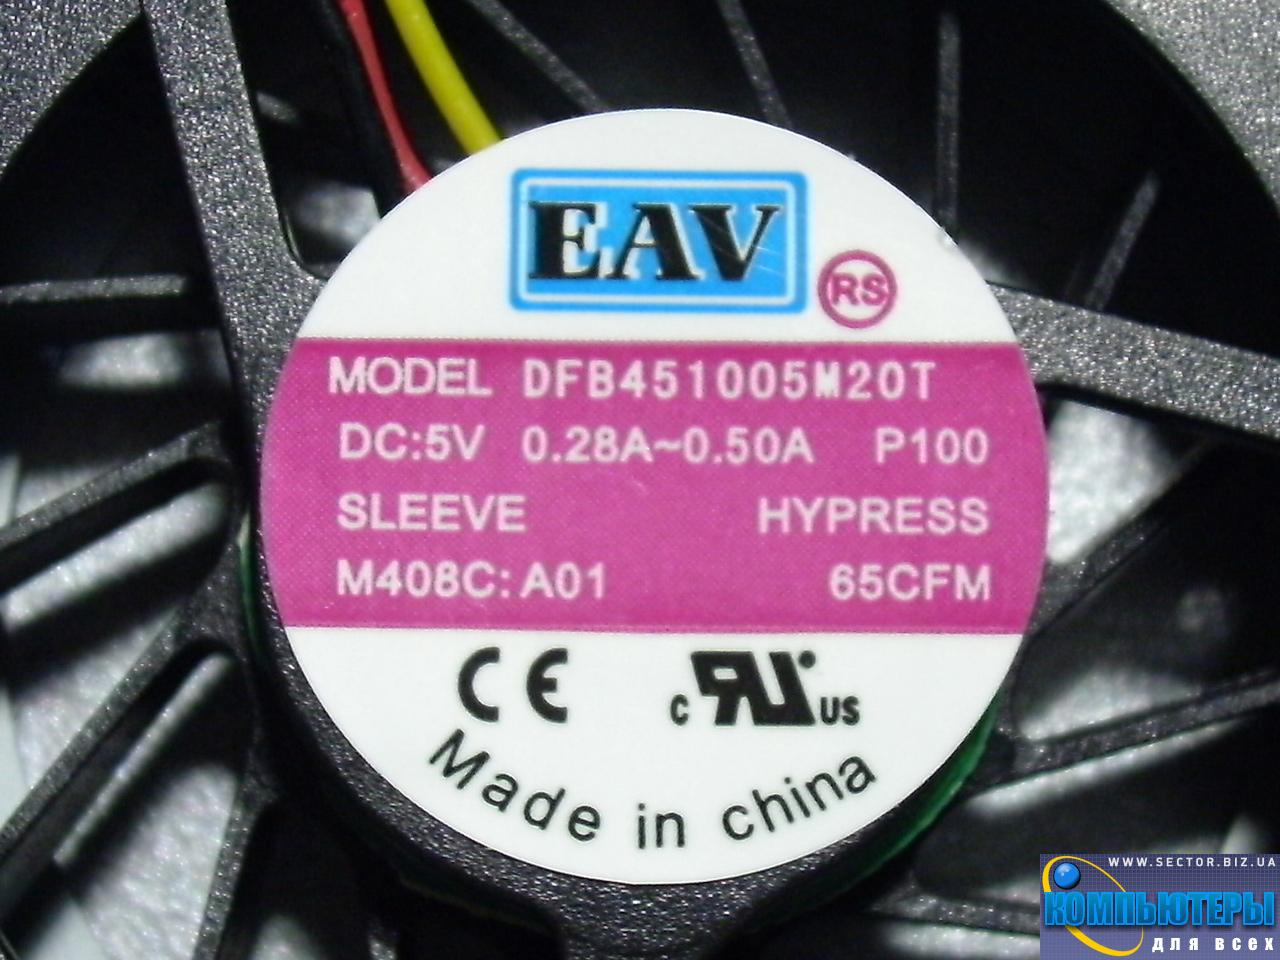 Кулер к ноутбуку HP Compaq NC6320 NX6310 NX6315 NX6320 NX6325 NX6330 p/n: DFB451005M20T. Фото № 3.